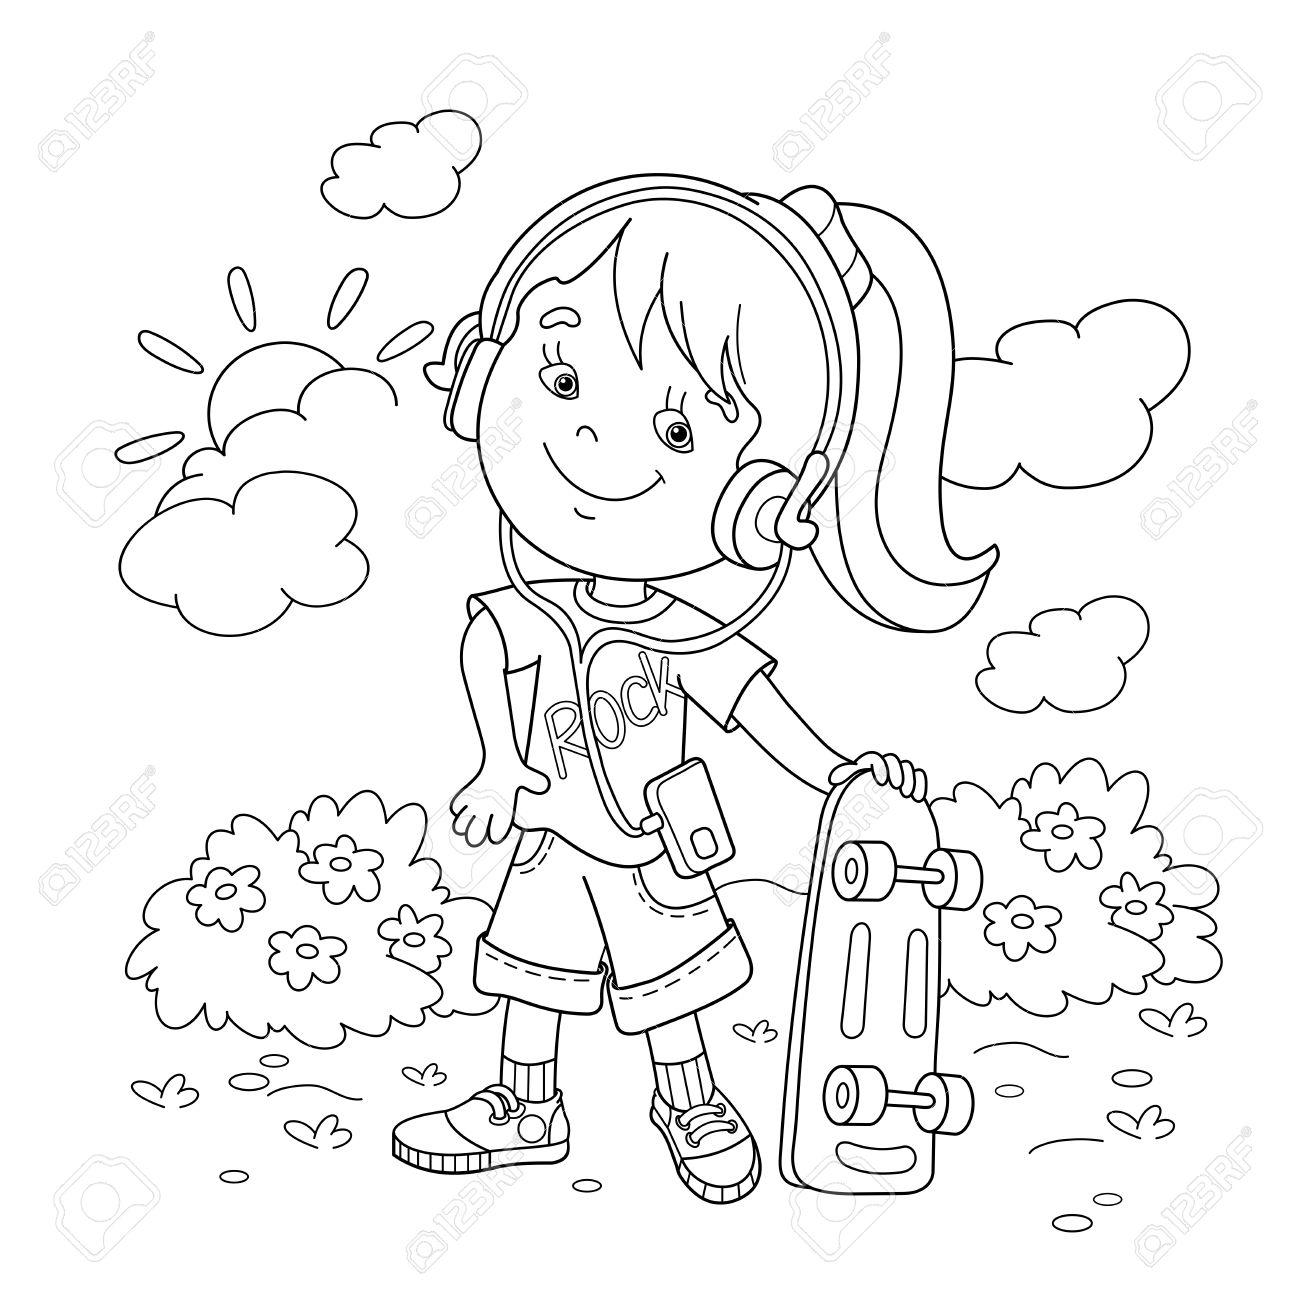 Página Para Colorear Esquema De Dibujos Animados Chica En Auriculares Con El Monopatín Libro De Colorear Para Niños